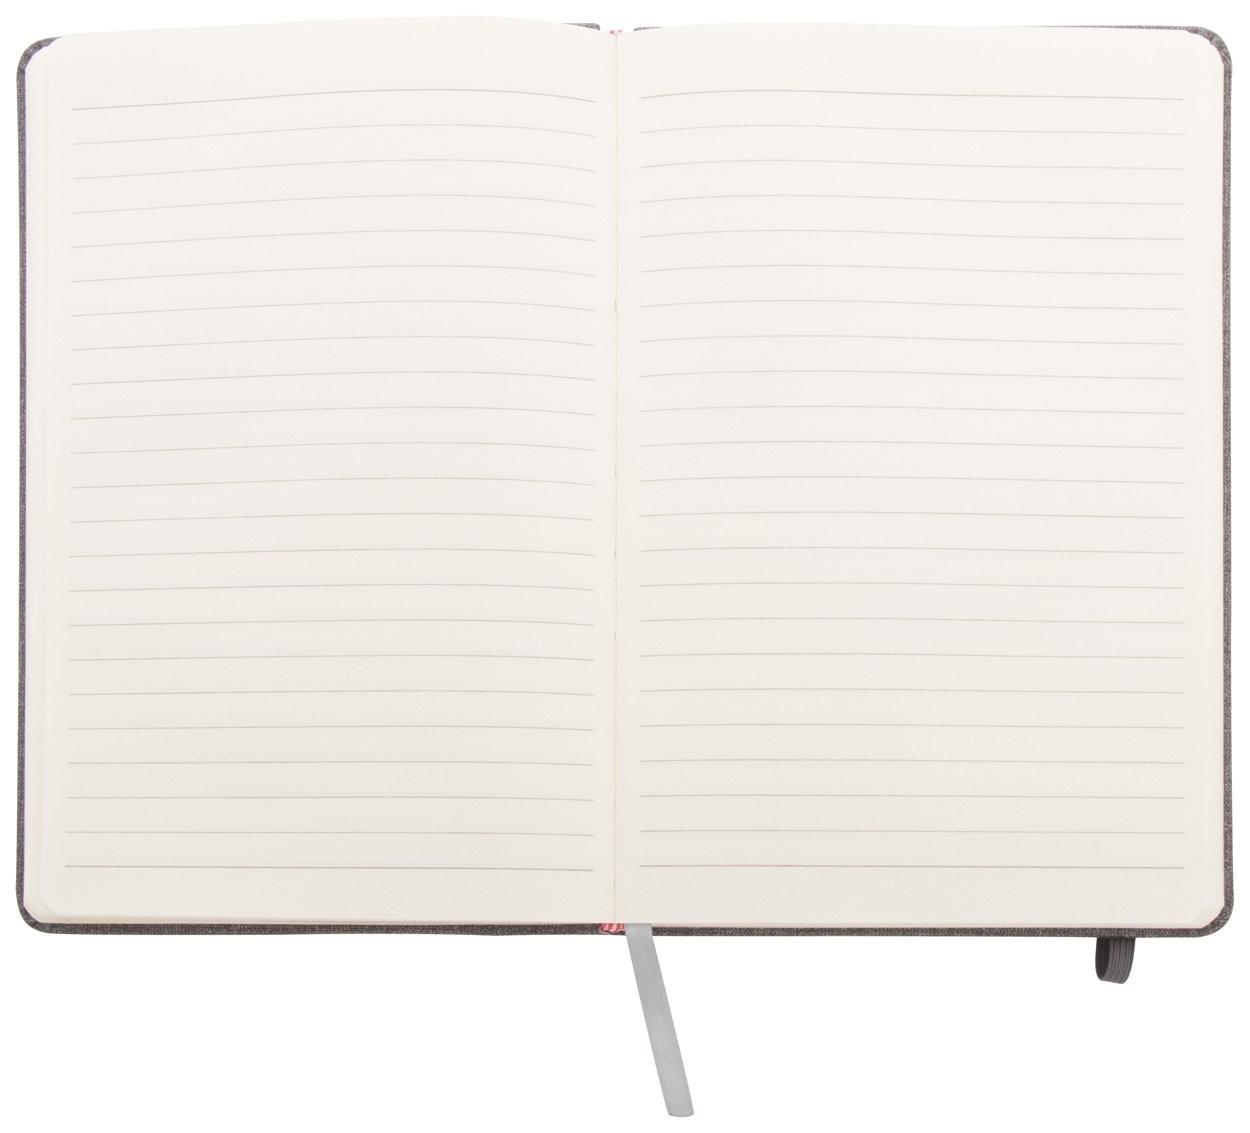 Notizbuch Gabbro A5, Ansicht 3